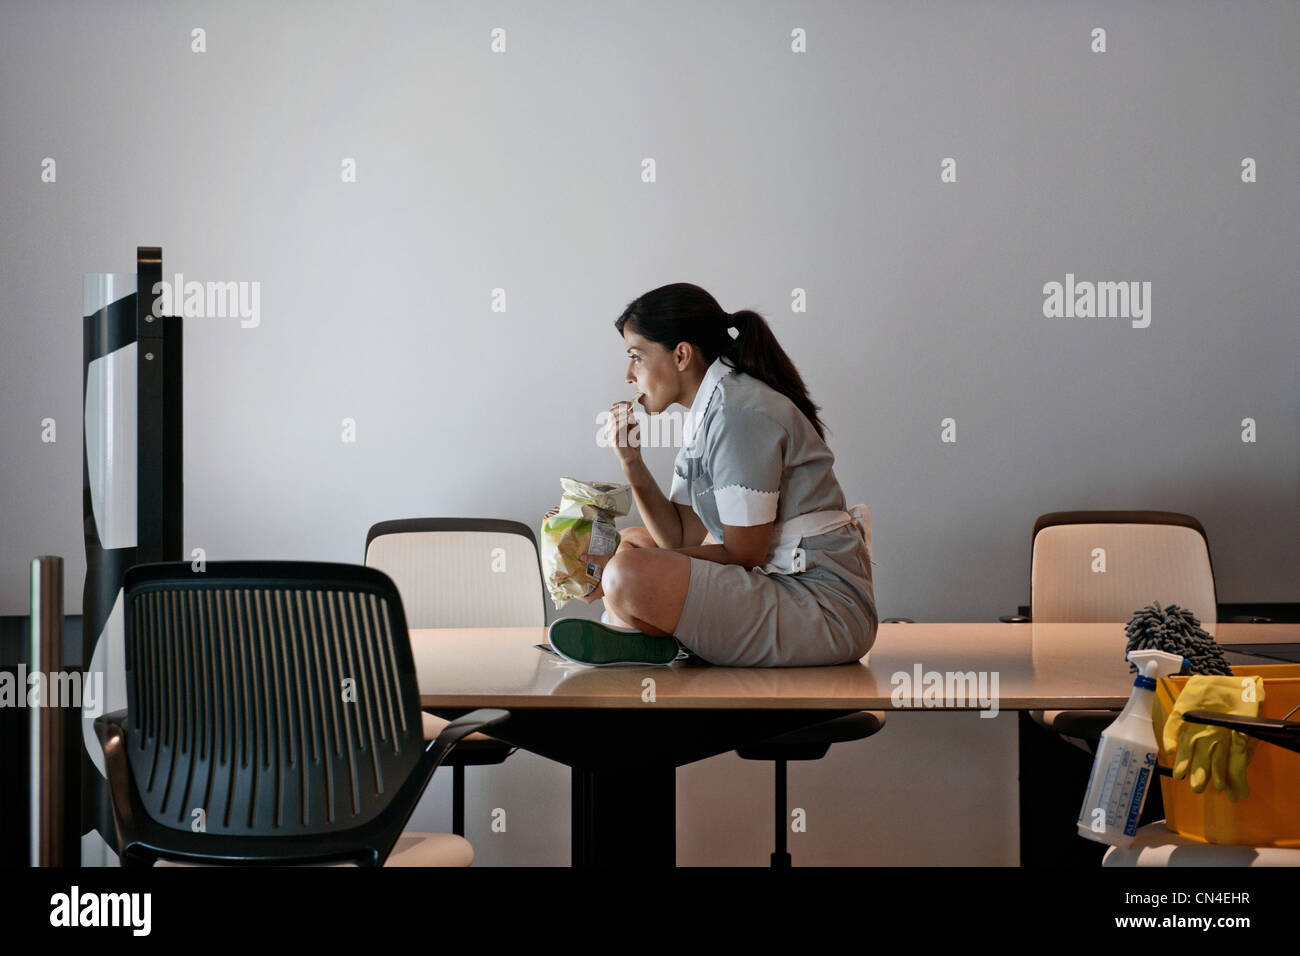 Büro Reiniger auf Bildschirm im Konferenzraum Stockbild